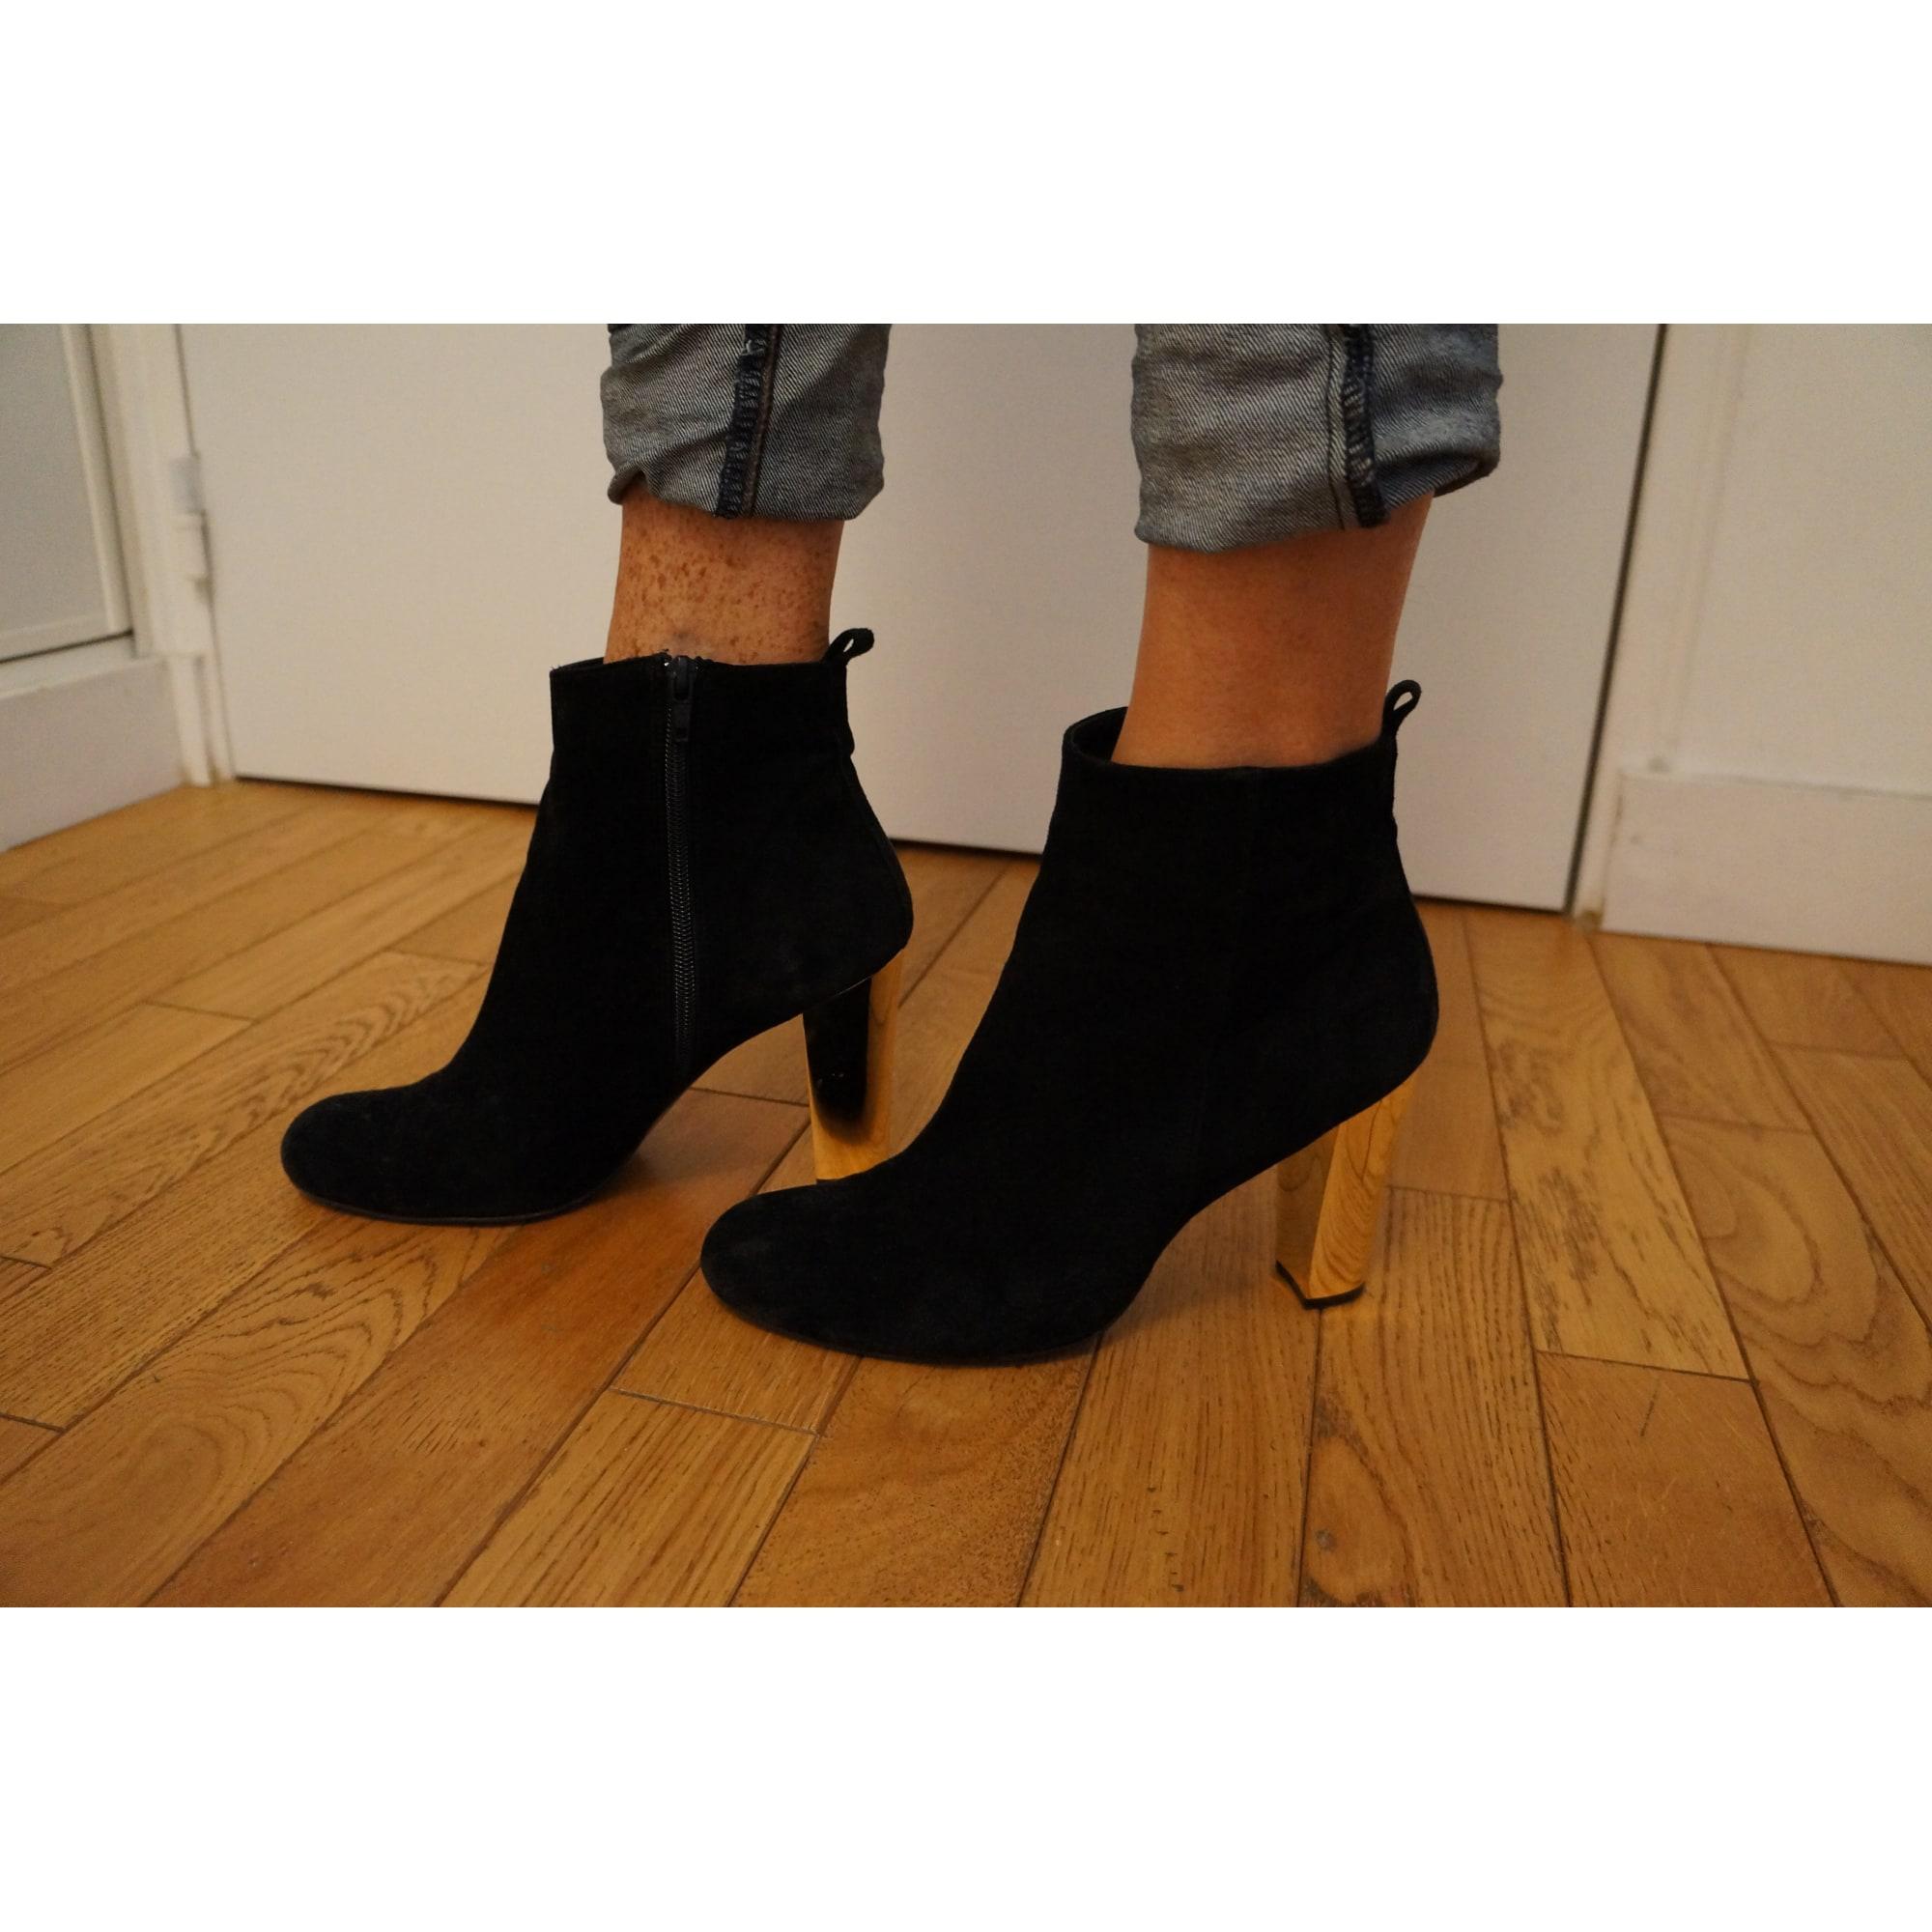 talons boots Bottineslow à boots Bottineslow à Bottineslow talons boots à Bottineslow talons QthxrBdsC